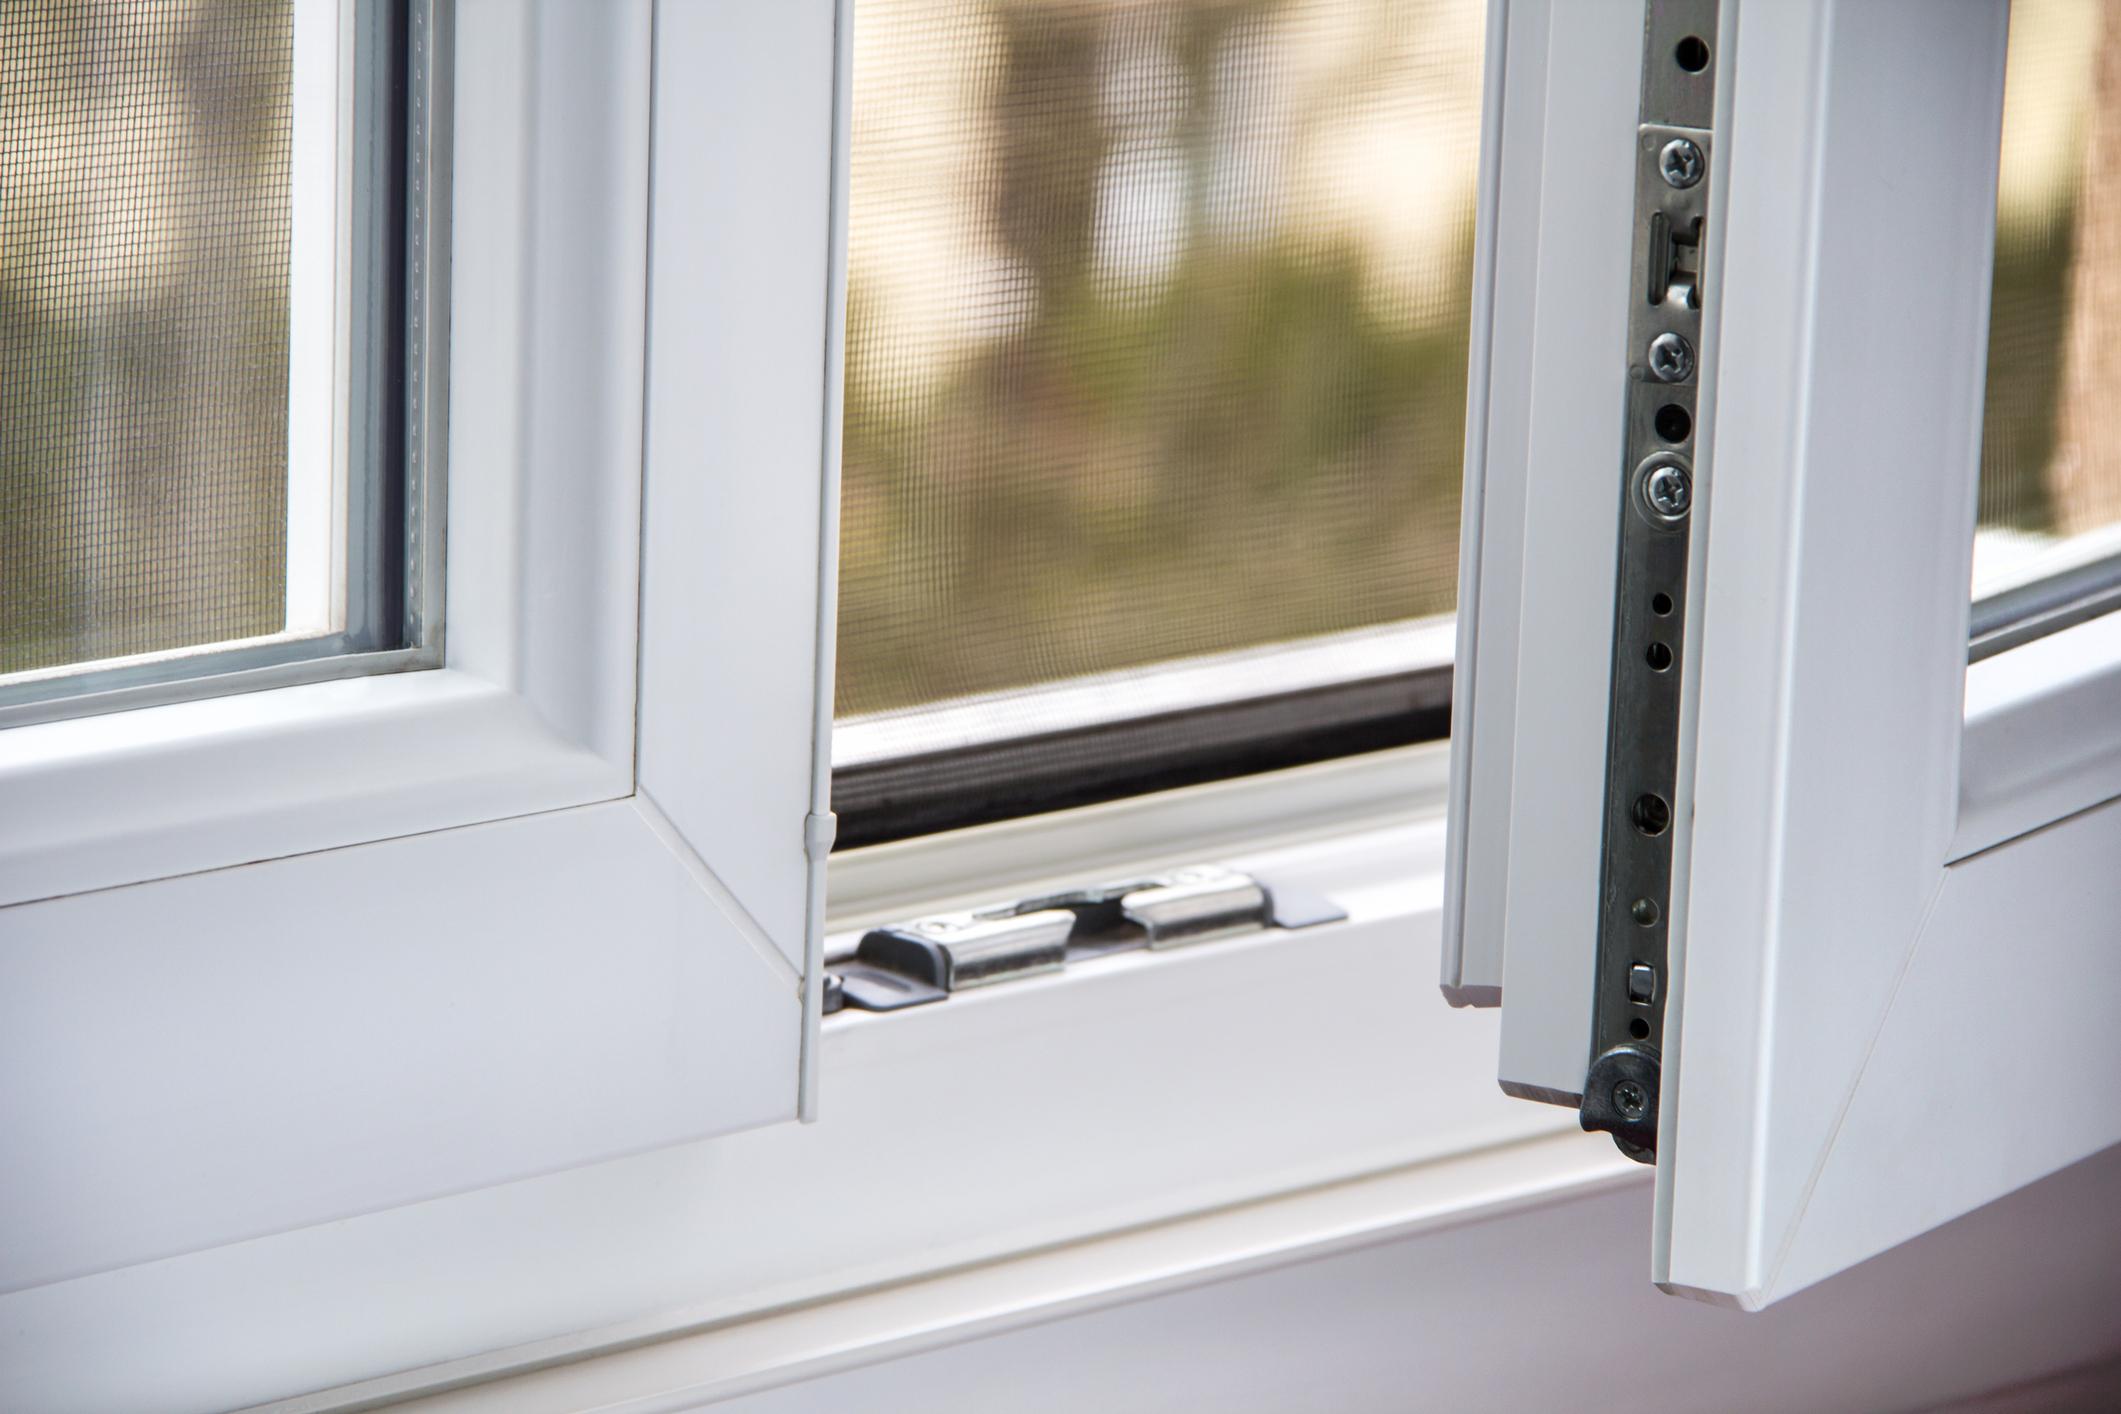 zabezpieczenia okna